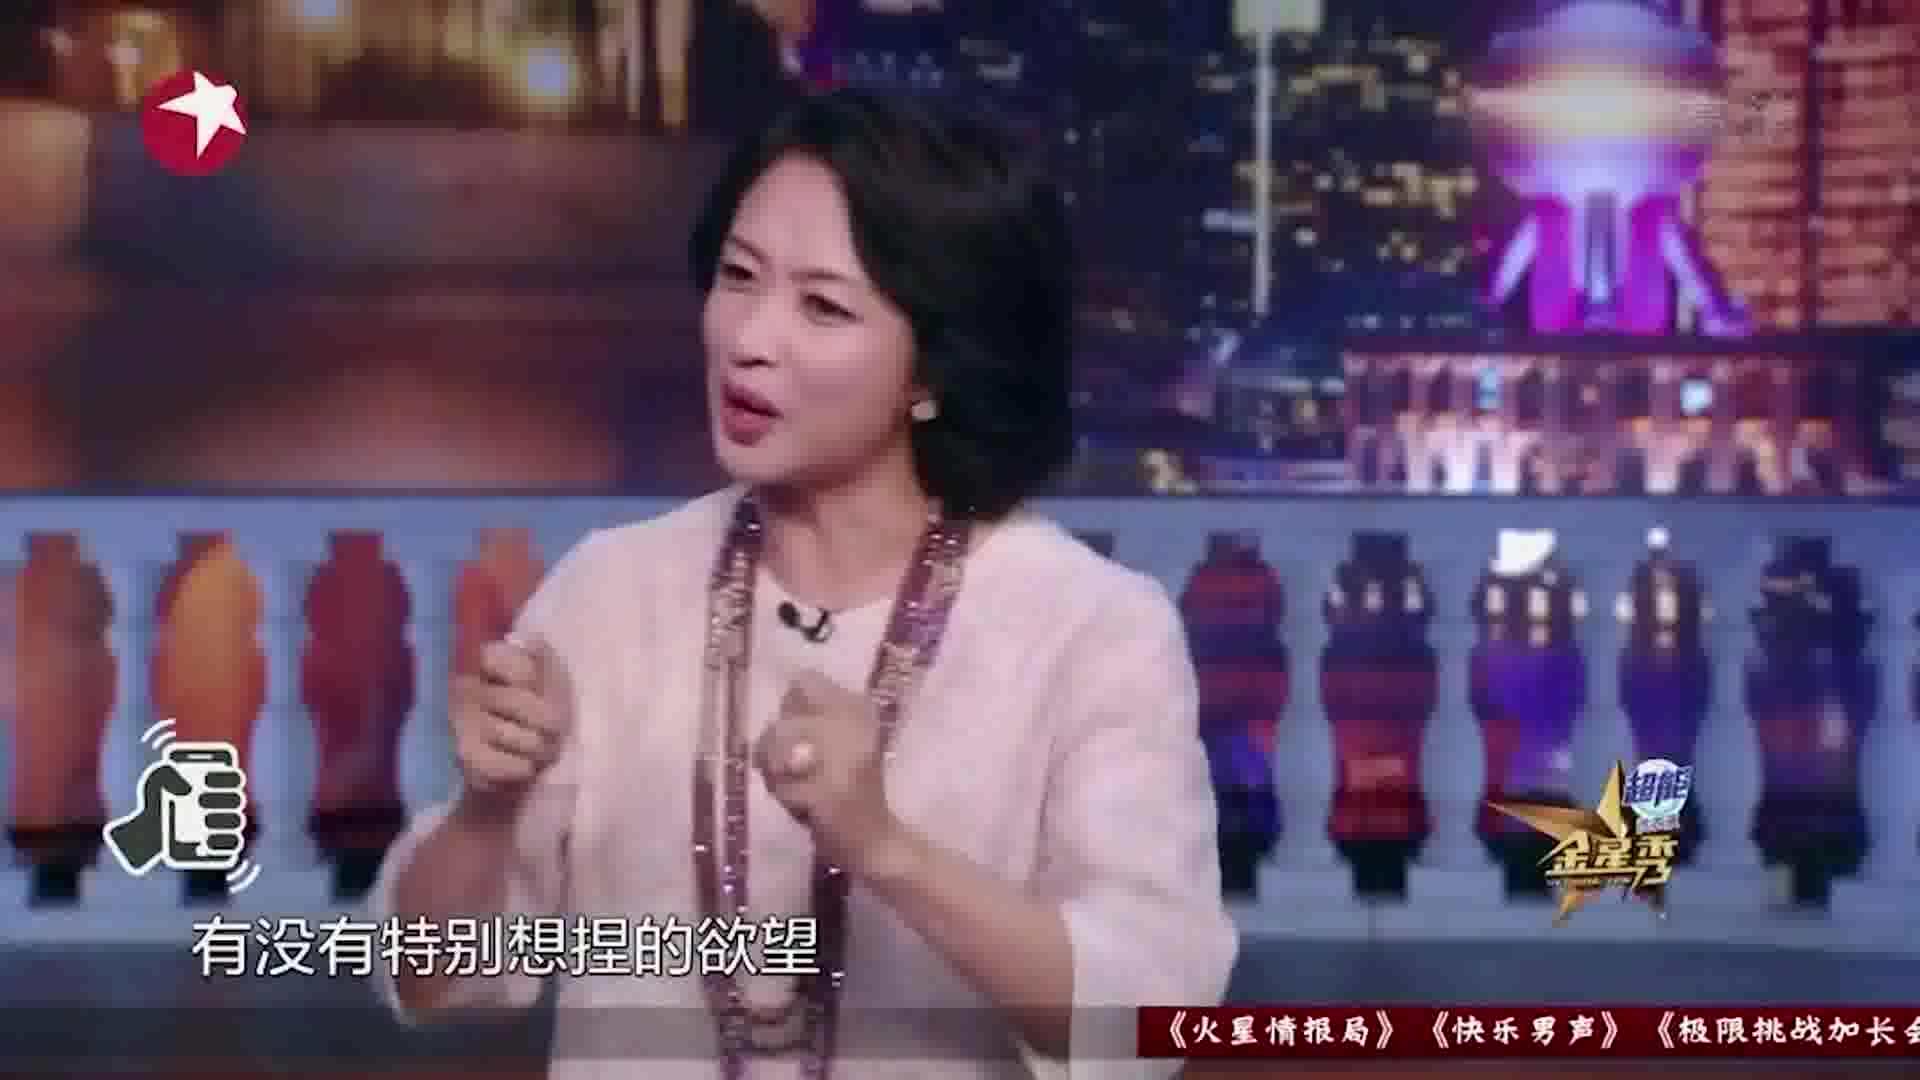 金星秀:女人颧骨高,心思赛砒霜?这帮中年人都从哪听来的?